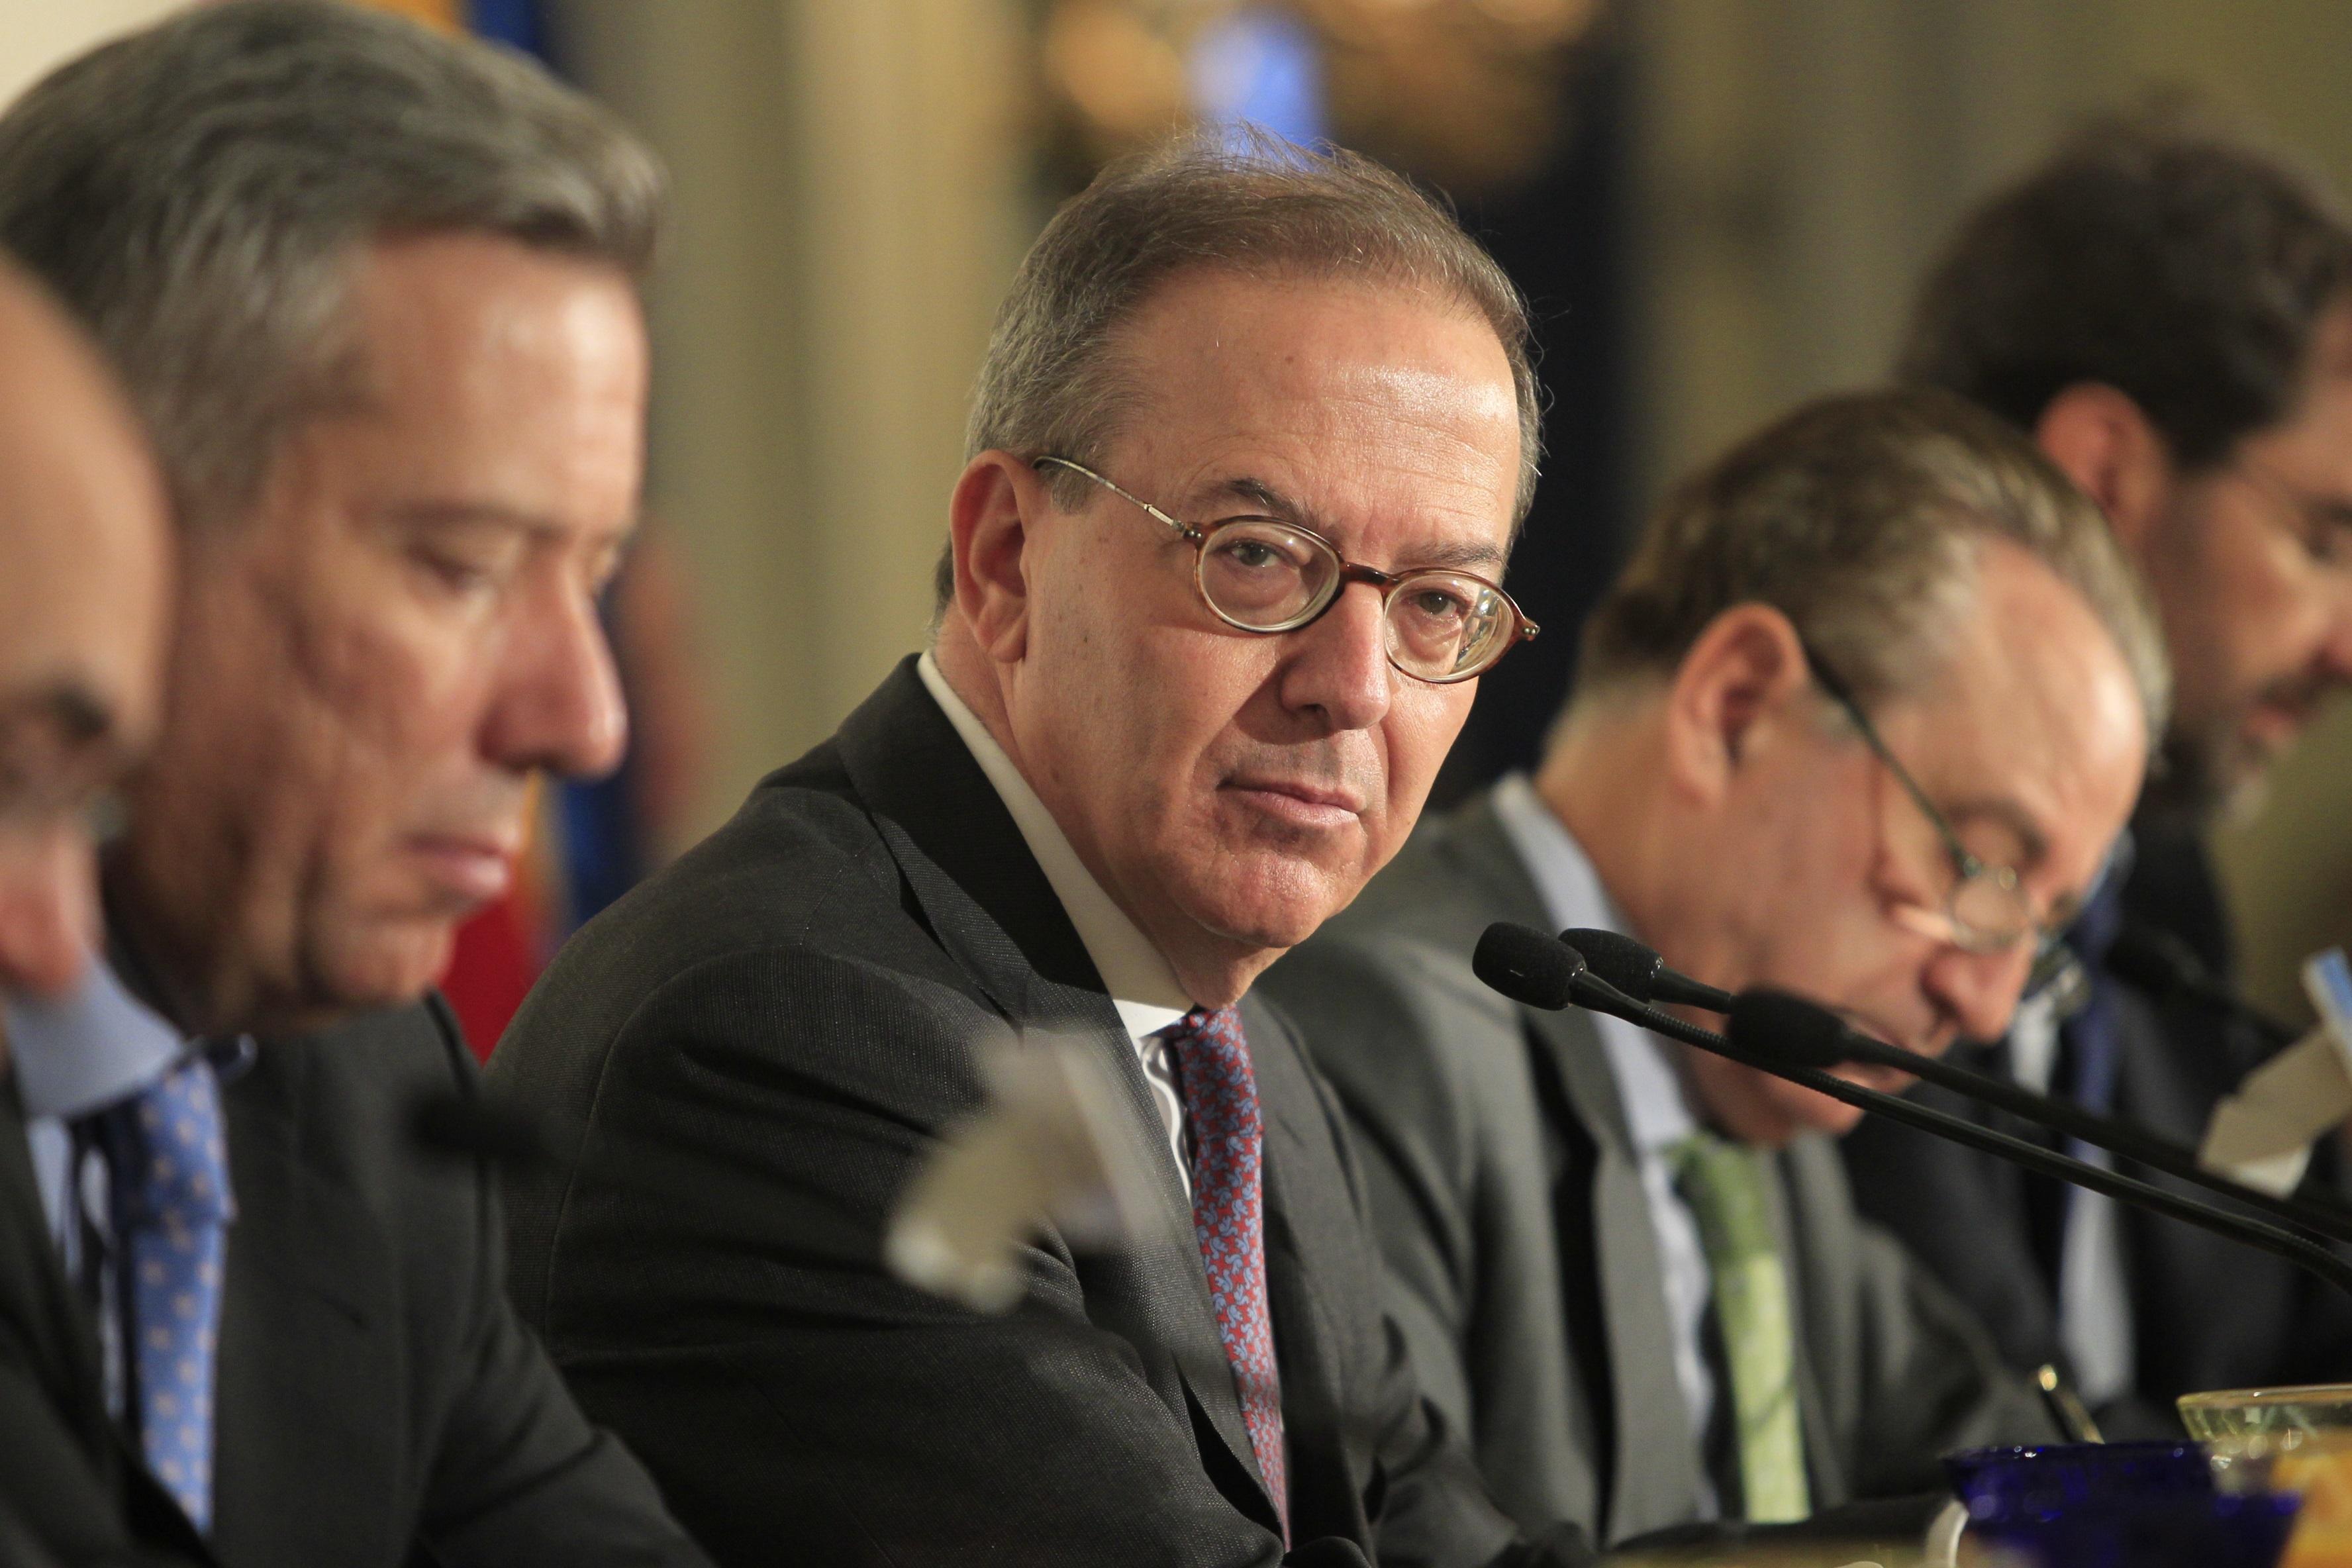 El FROB calcula un coste al erario público de hasta 402 millones para cerrar la fusión de Unicaja y Ceiss